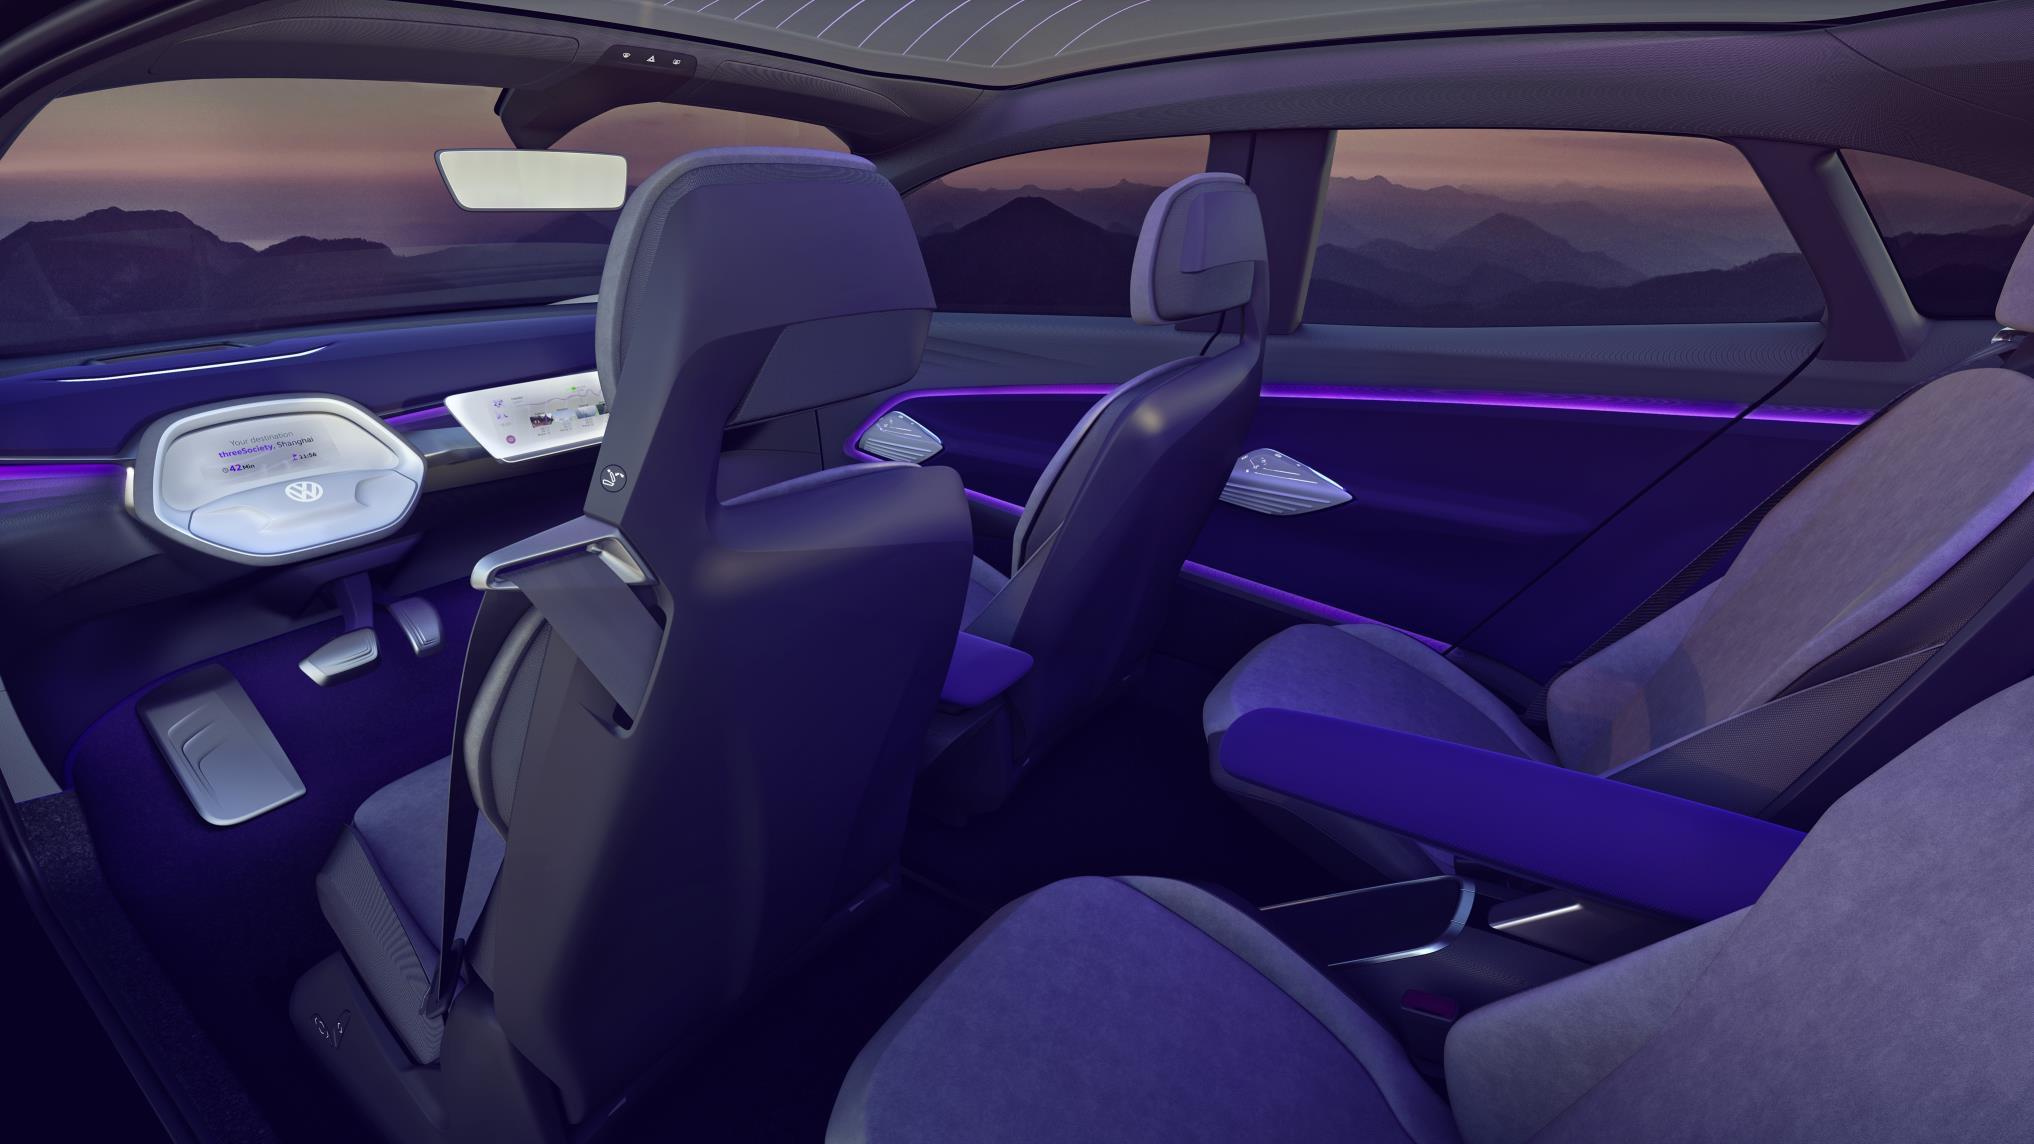 Одним из трех главных концепт-каров Автосалона в Шанхае 2017 является Volkswagen I.D. CROZZ Concept.